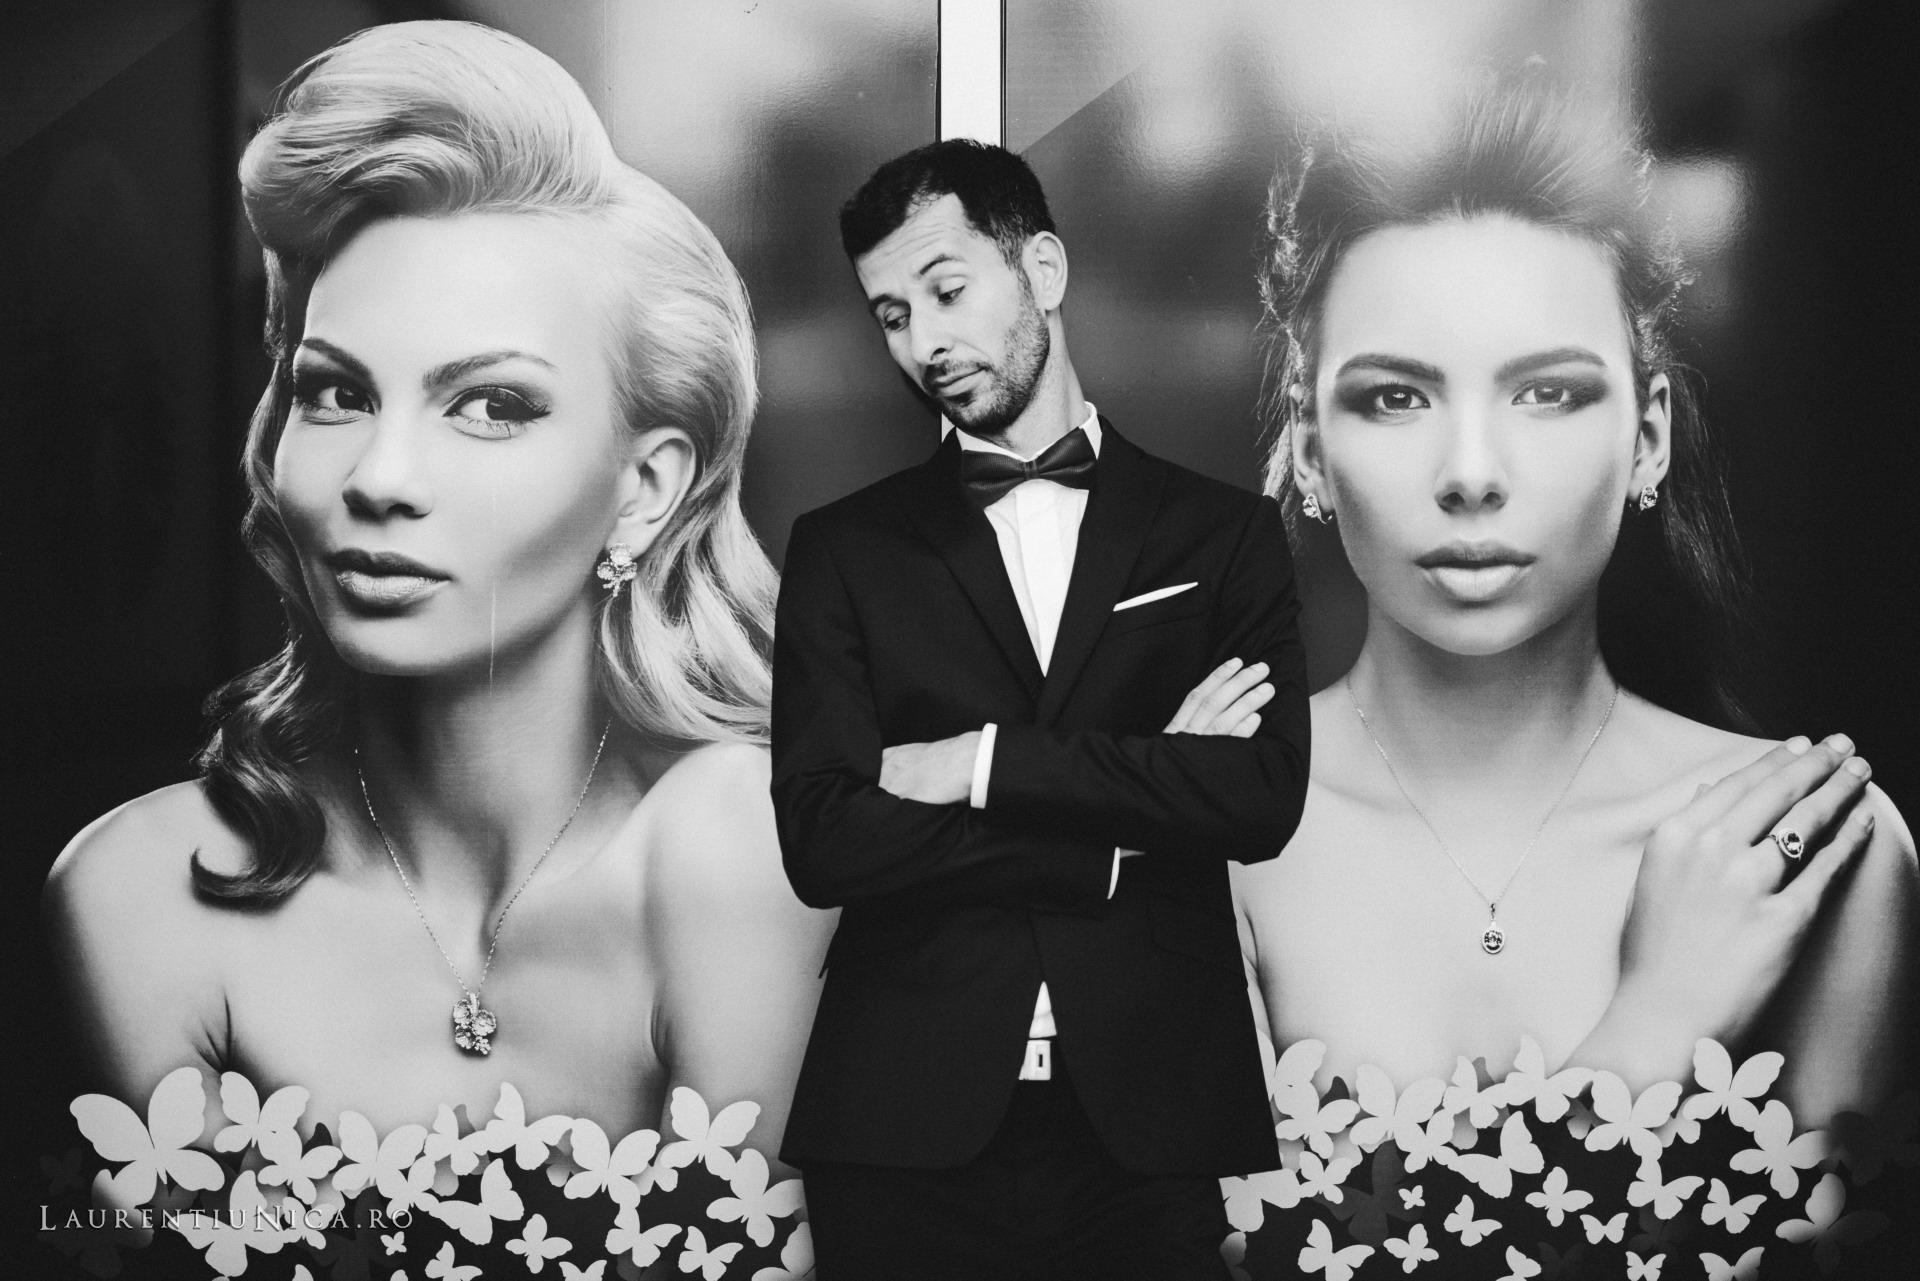 carolina si sorin craiova fotograf nunta laurentiu nica43 - Carolina & Sorin | Fotografii nunta